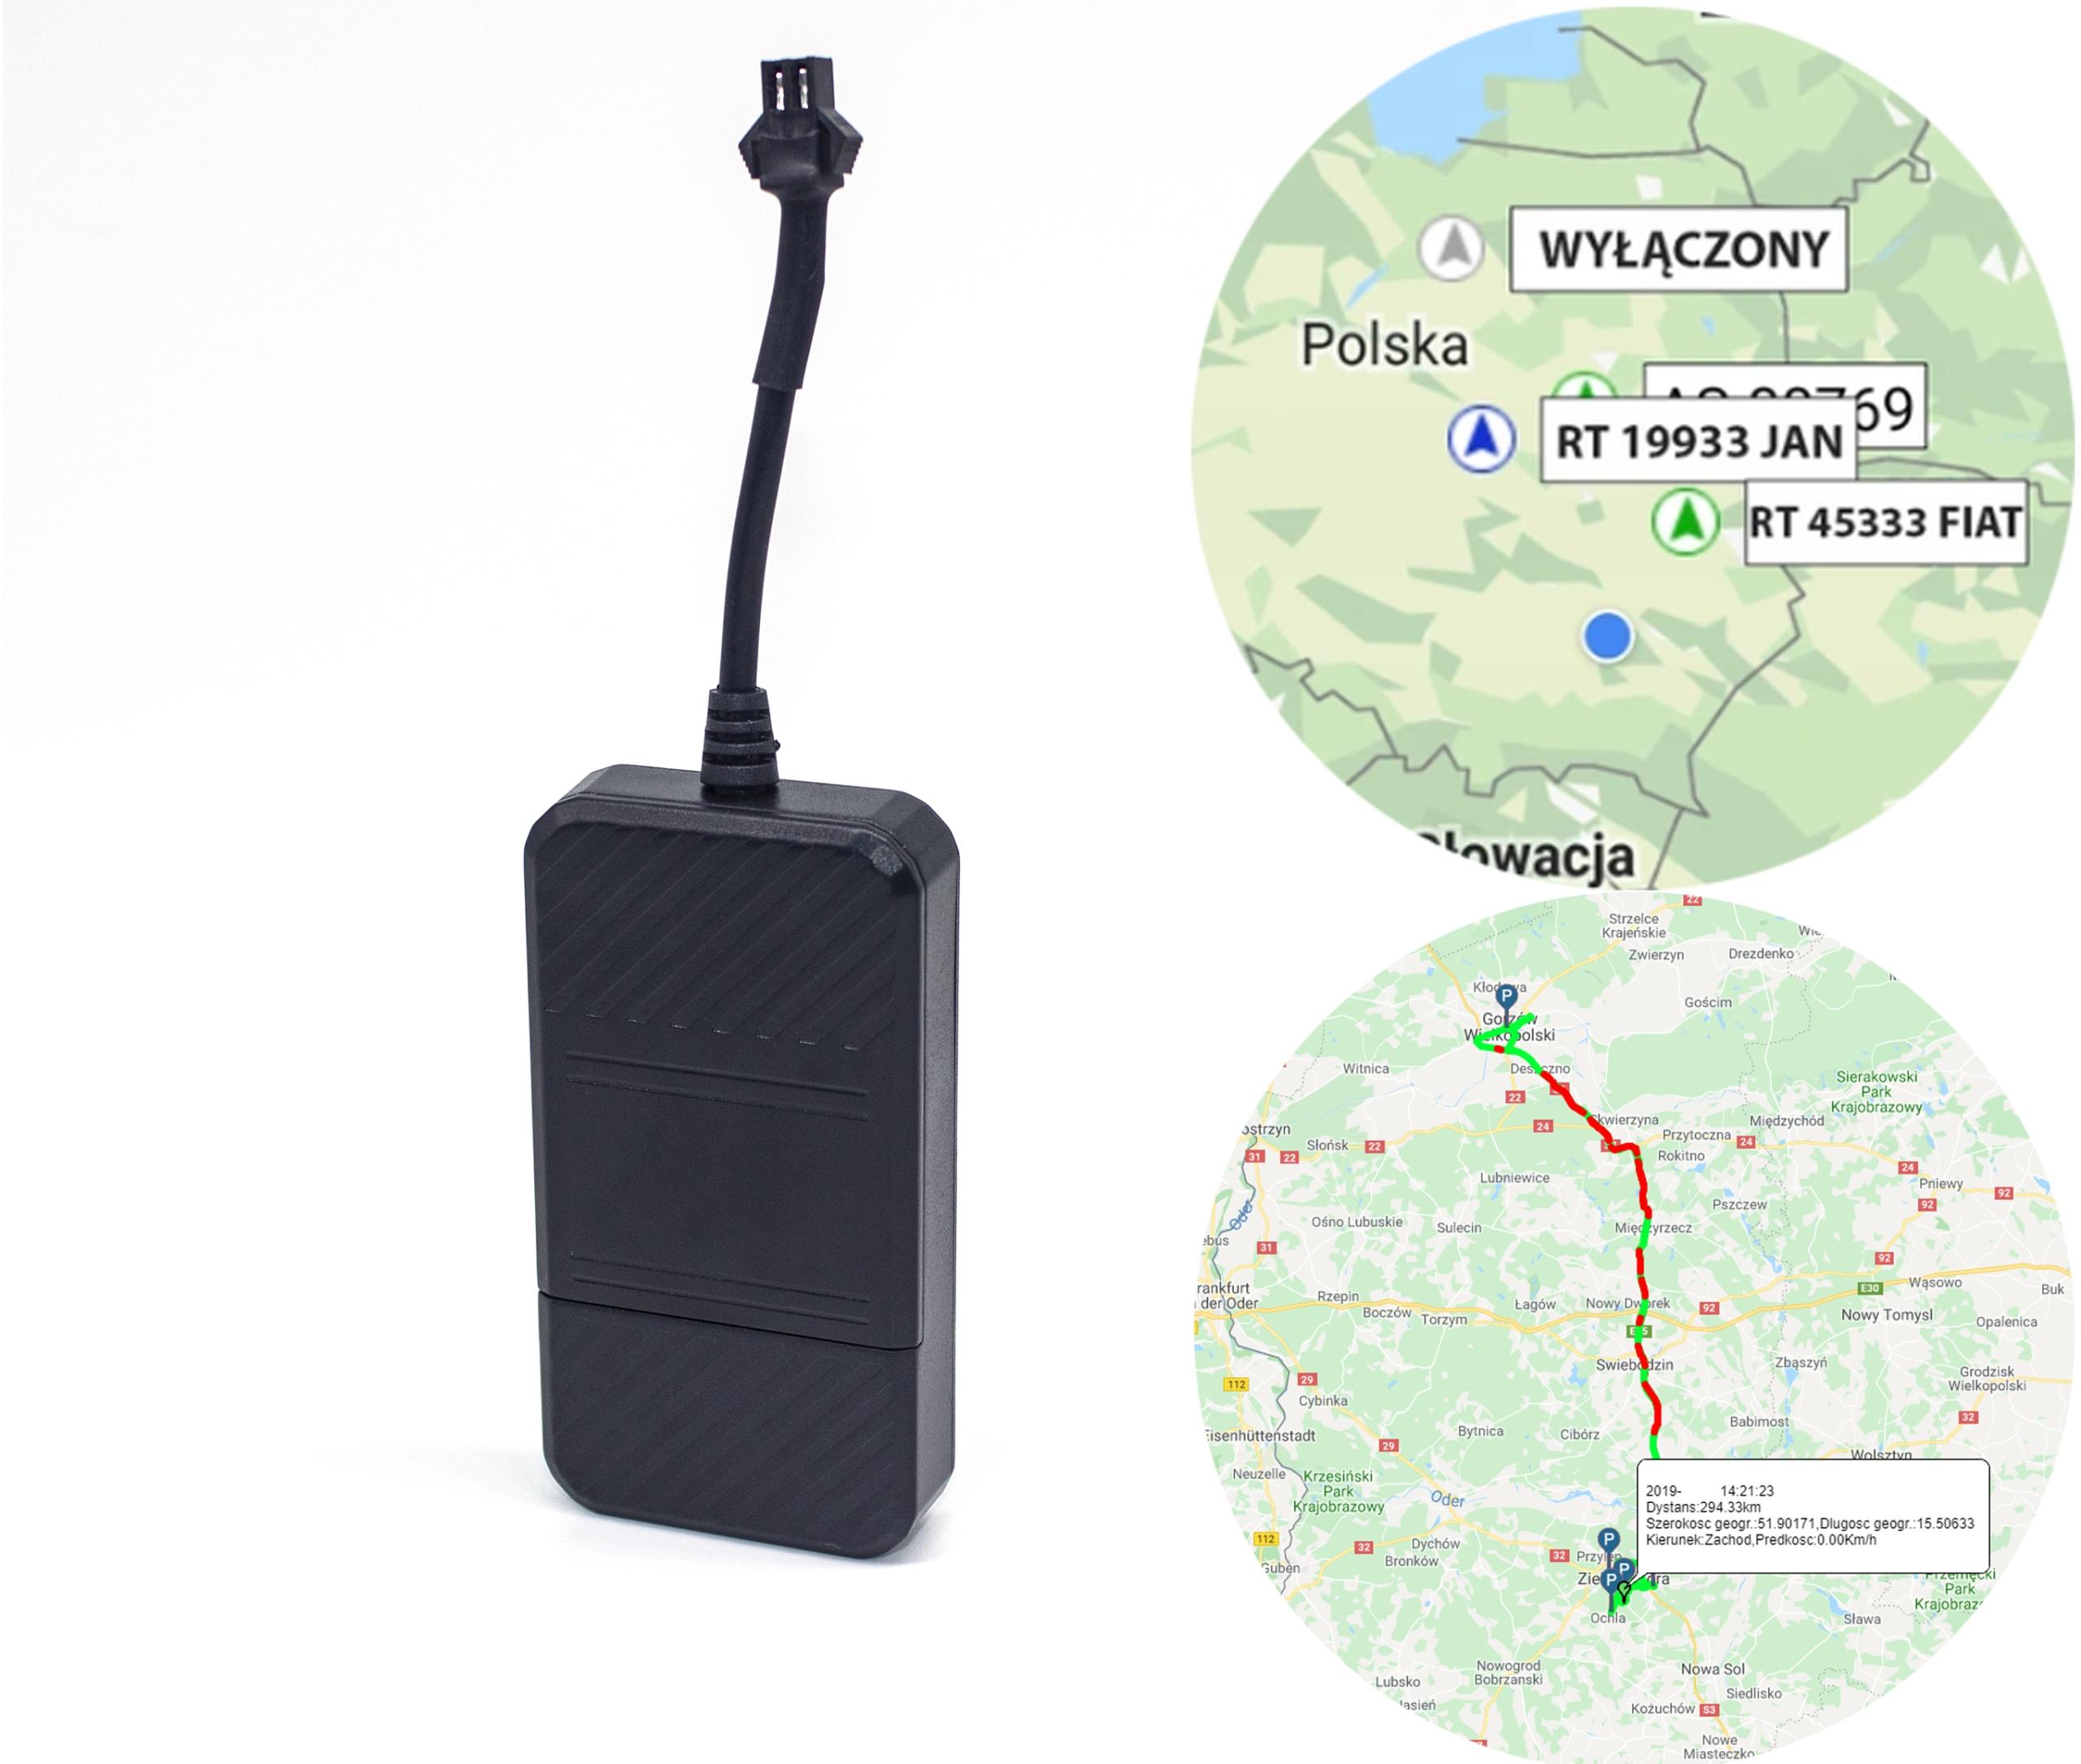 GPS трекер 9-95V ПРИЛОЖЕНИЕ ДЛЯ ВЕБ-ОТСЛЕЖИВАНИЯ MK10